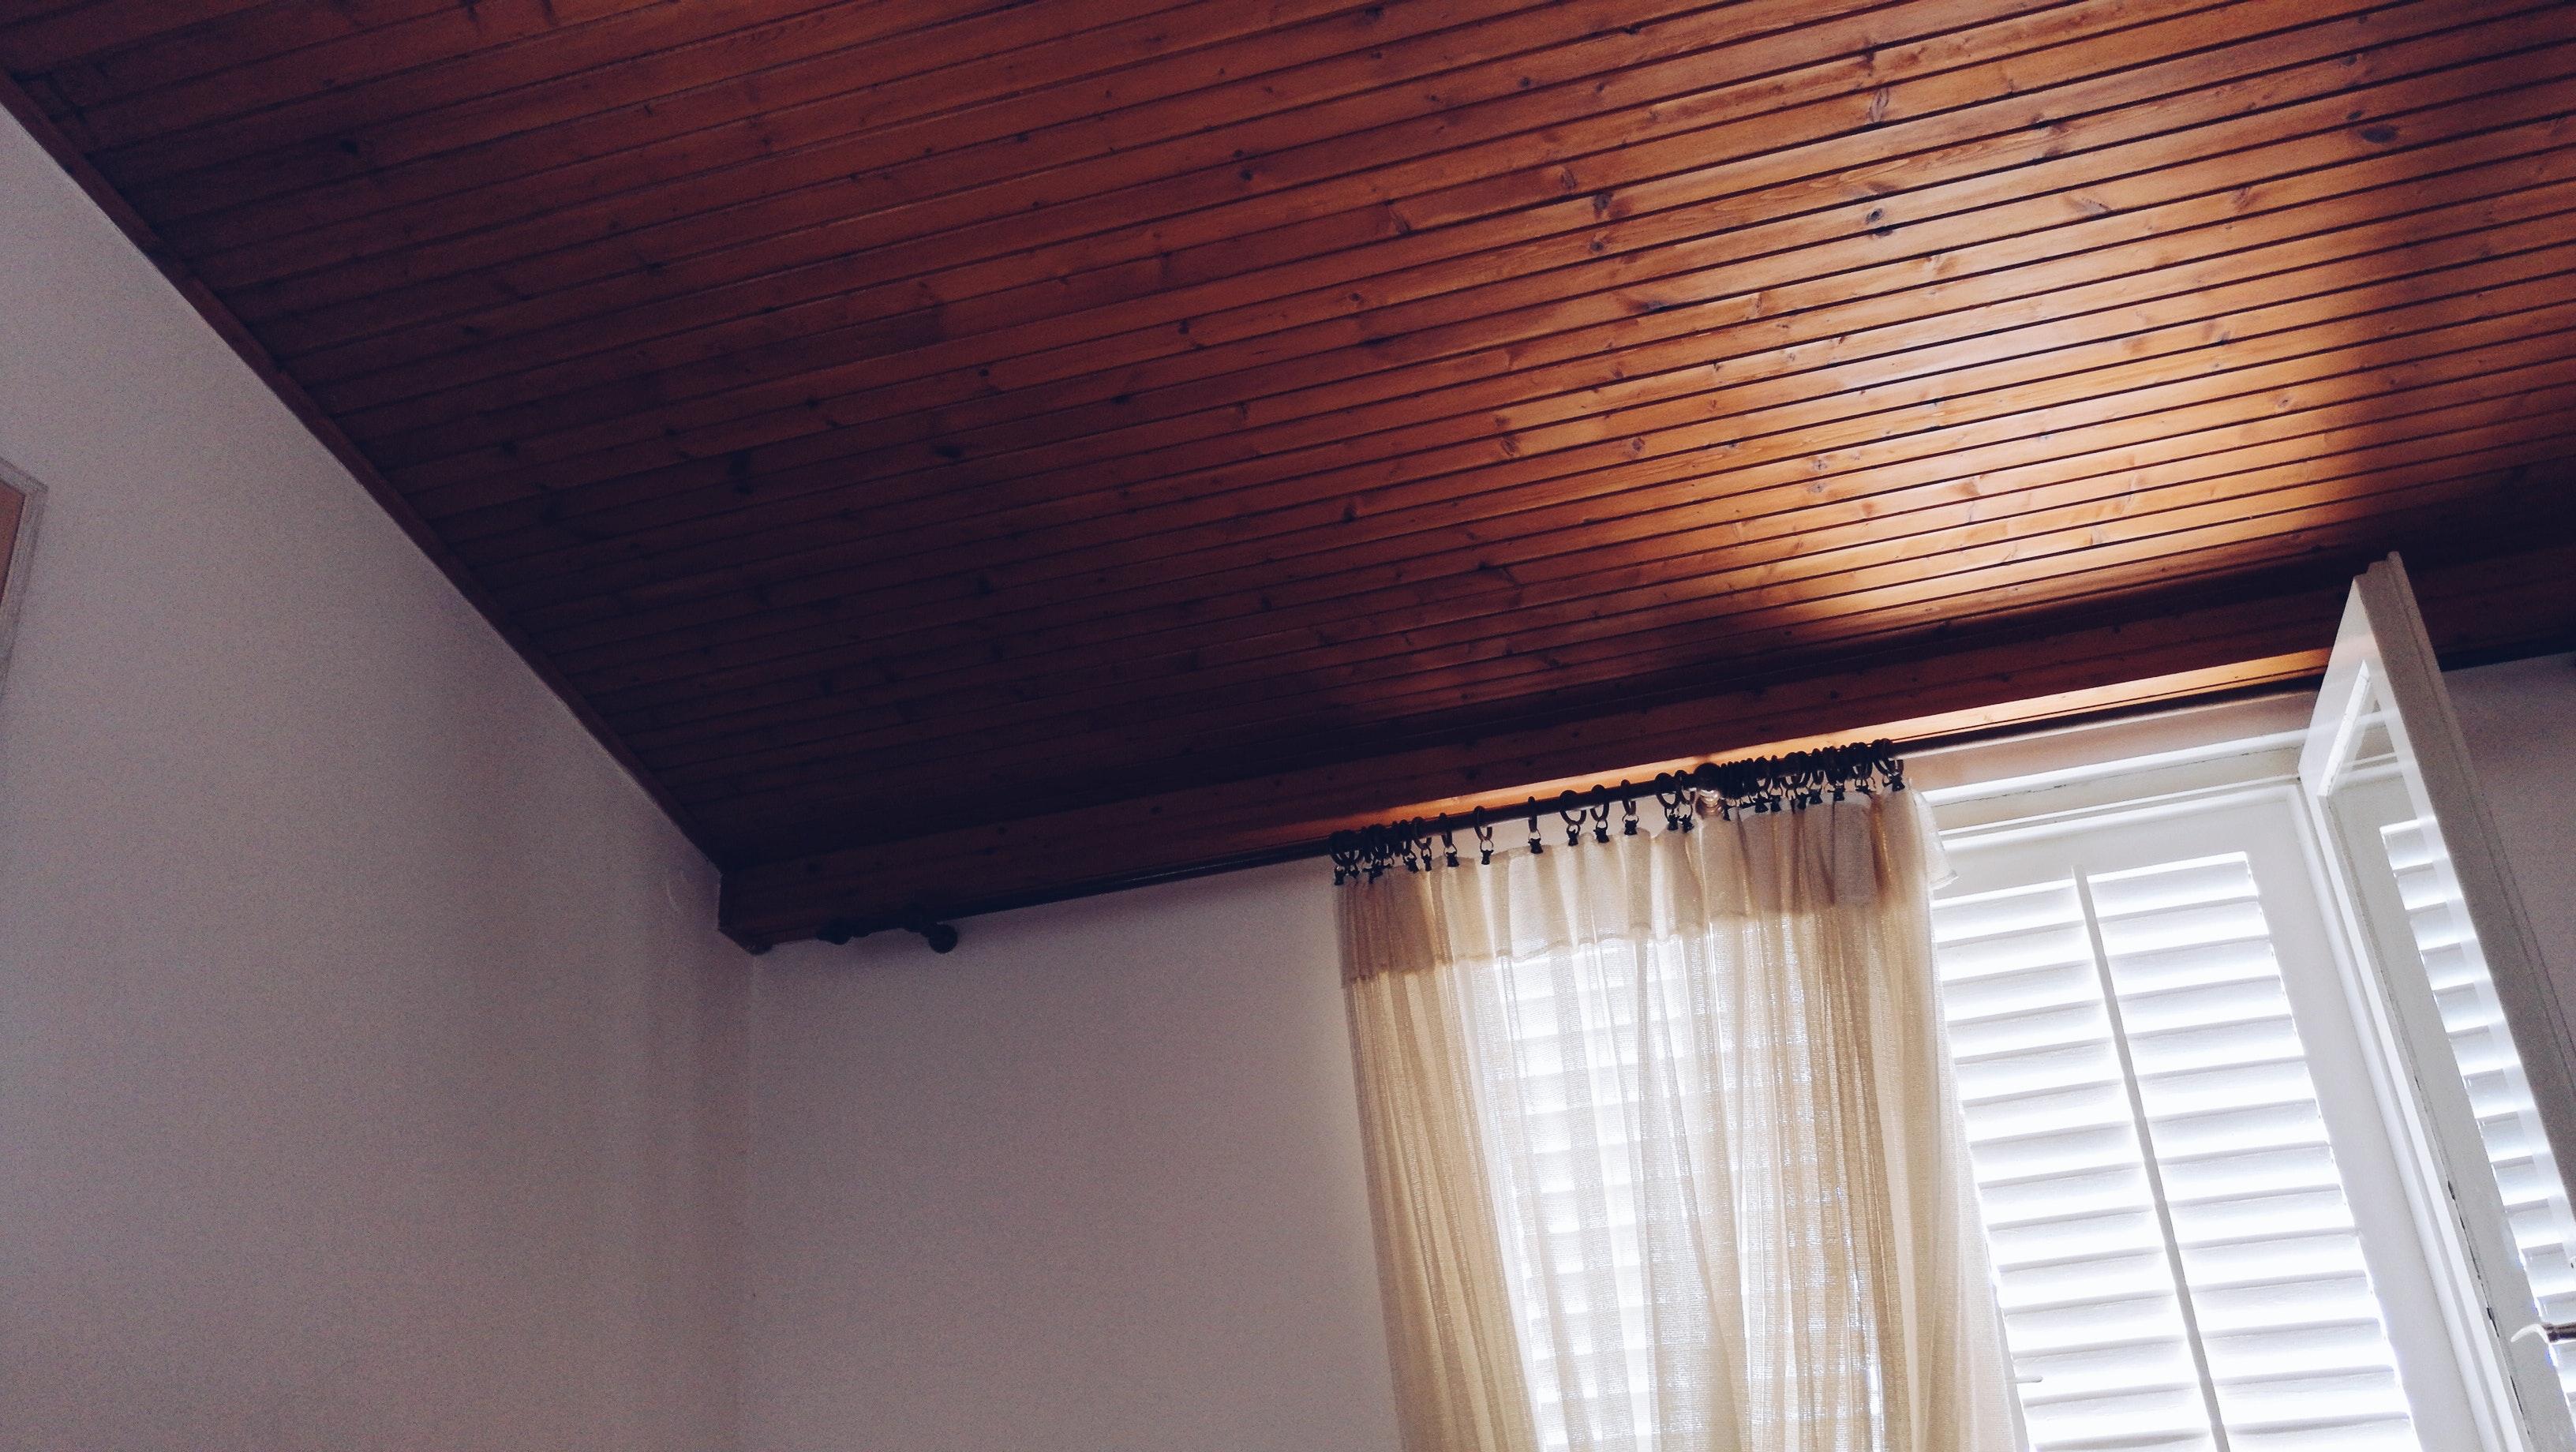 Kelim Kussens Goedkoop : Sfeervolle kelim kussens voor ieder interieur woondecoshop